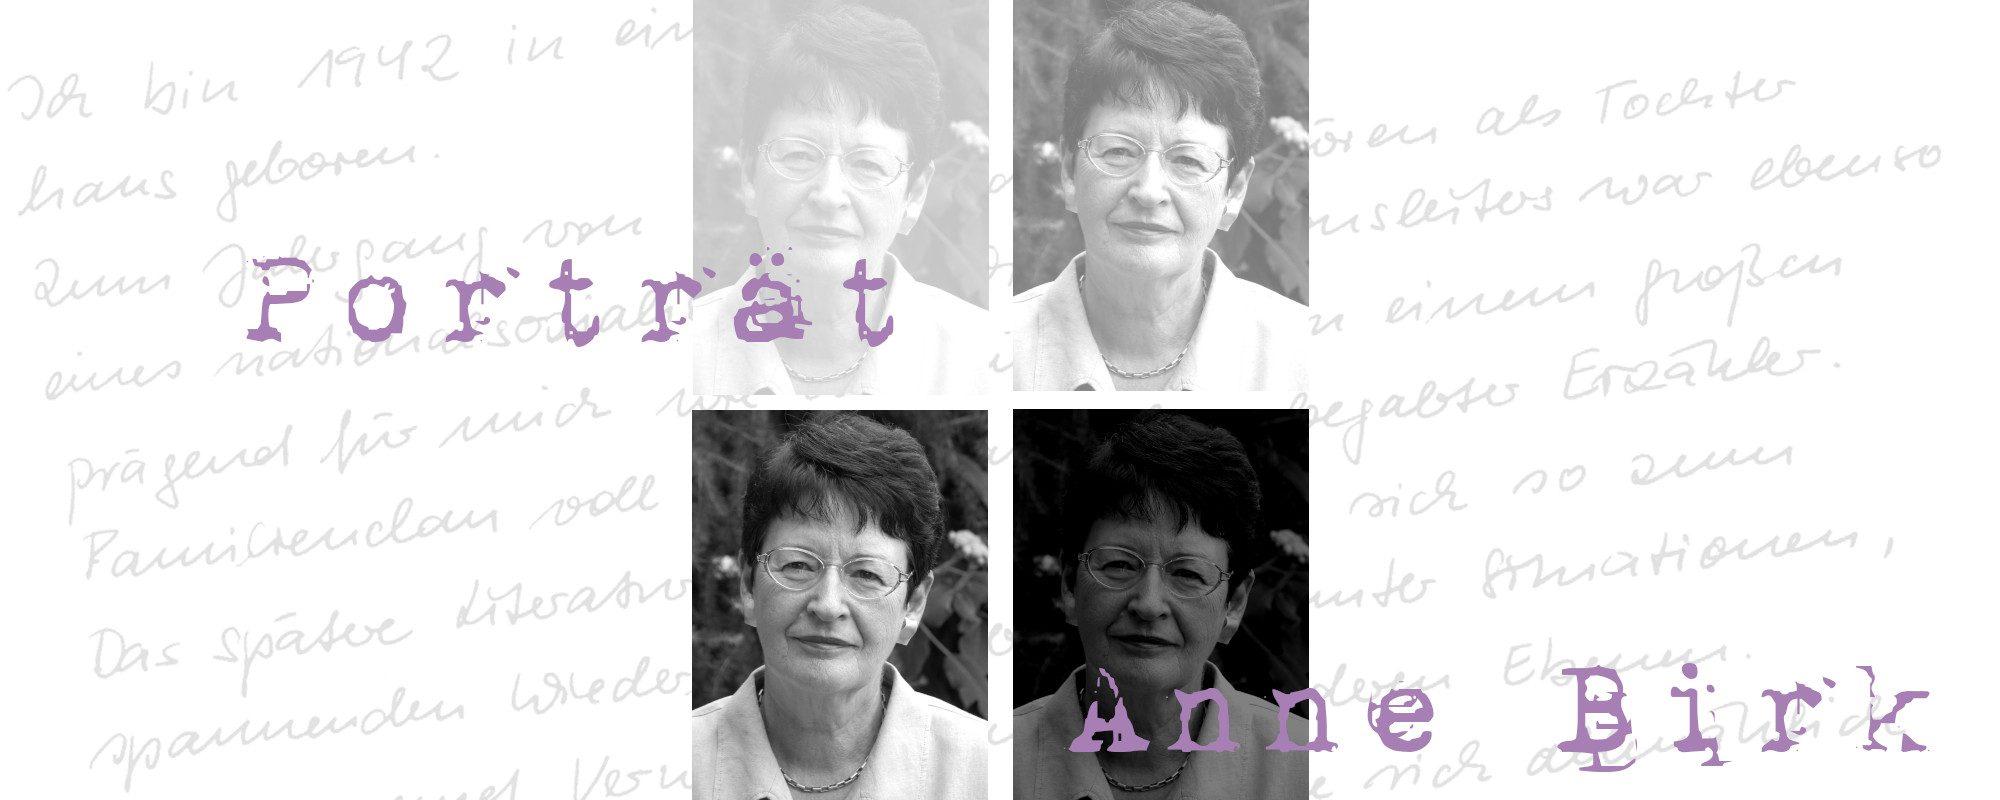 Anne-Birk-Schriftstellerin-Autorinnen-Portraet